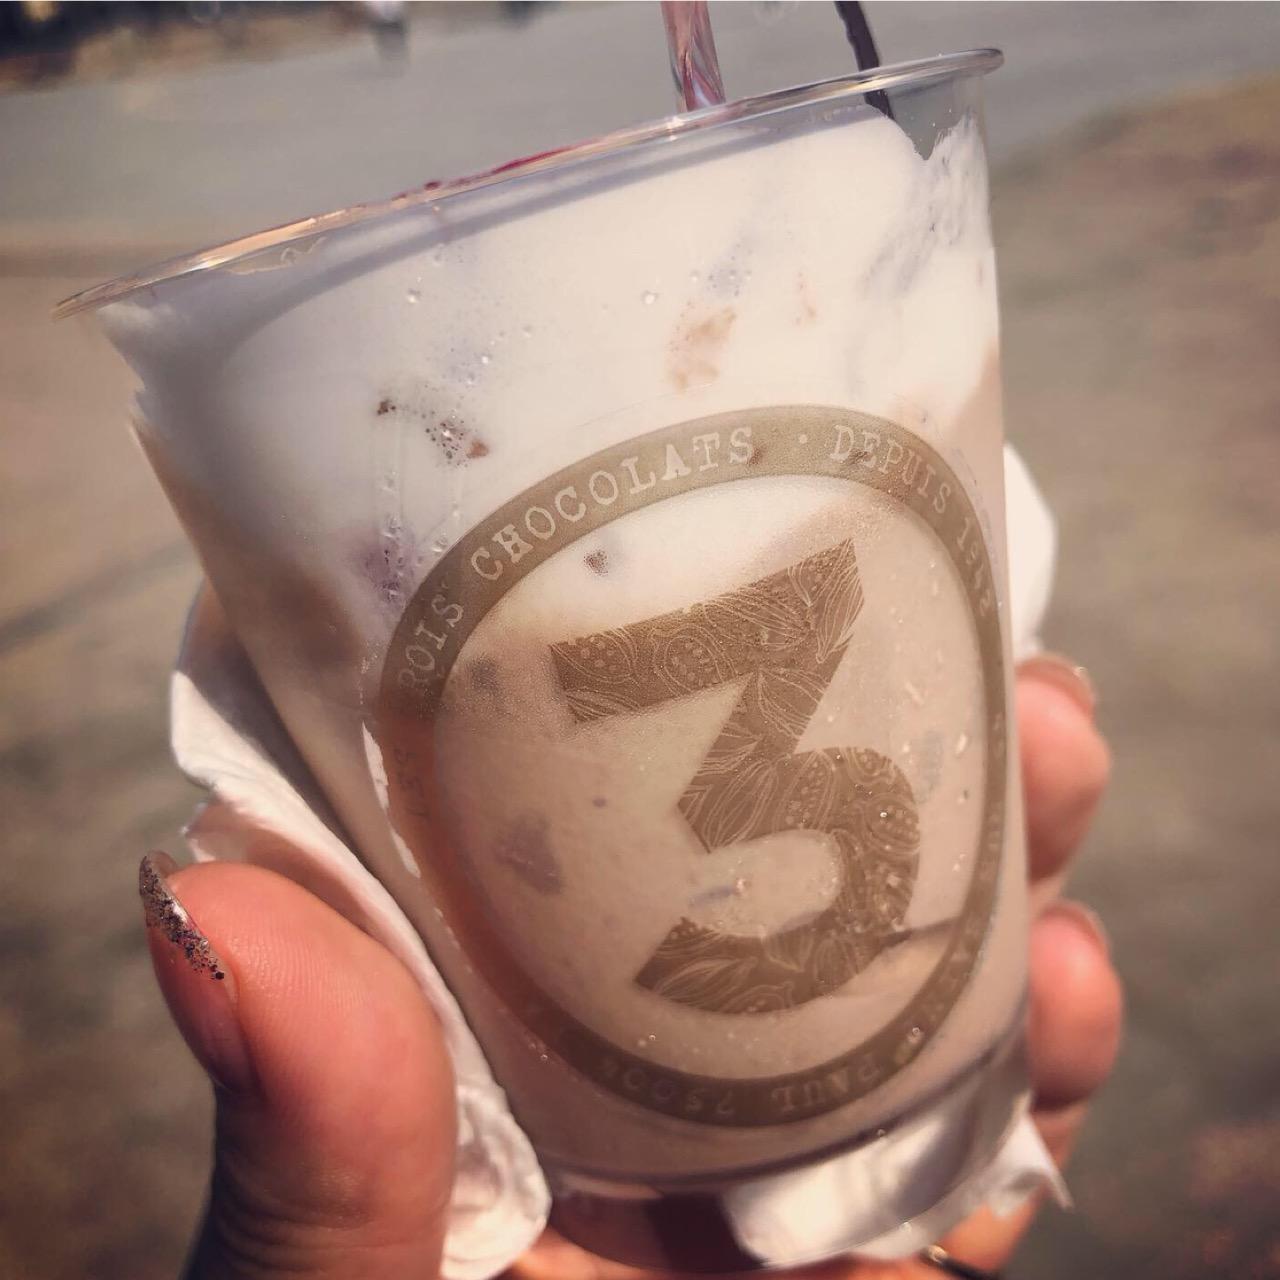 <福岡*天神>今年も登場!水の要らないソフトクリーム?!レ トロワ ショコラ × チョコレートショップの天神トロワパフェ♡_3